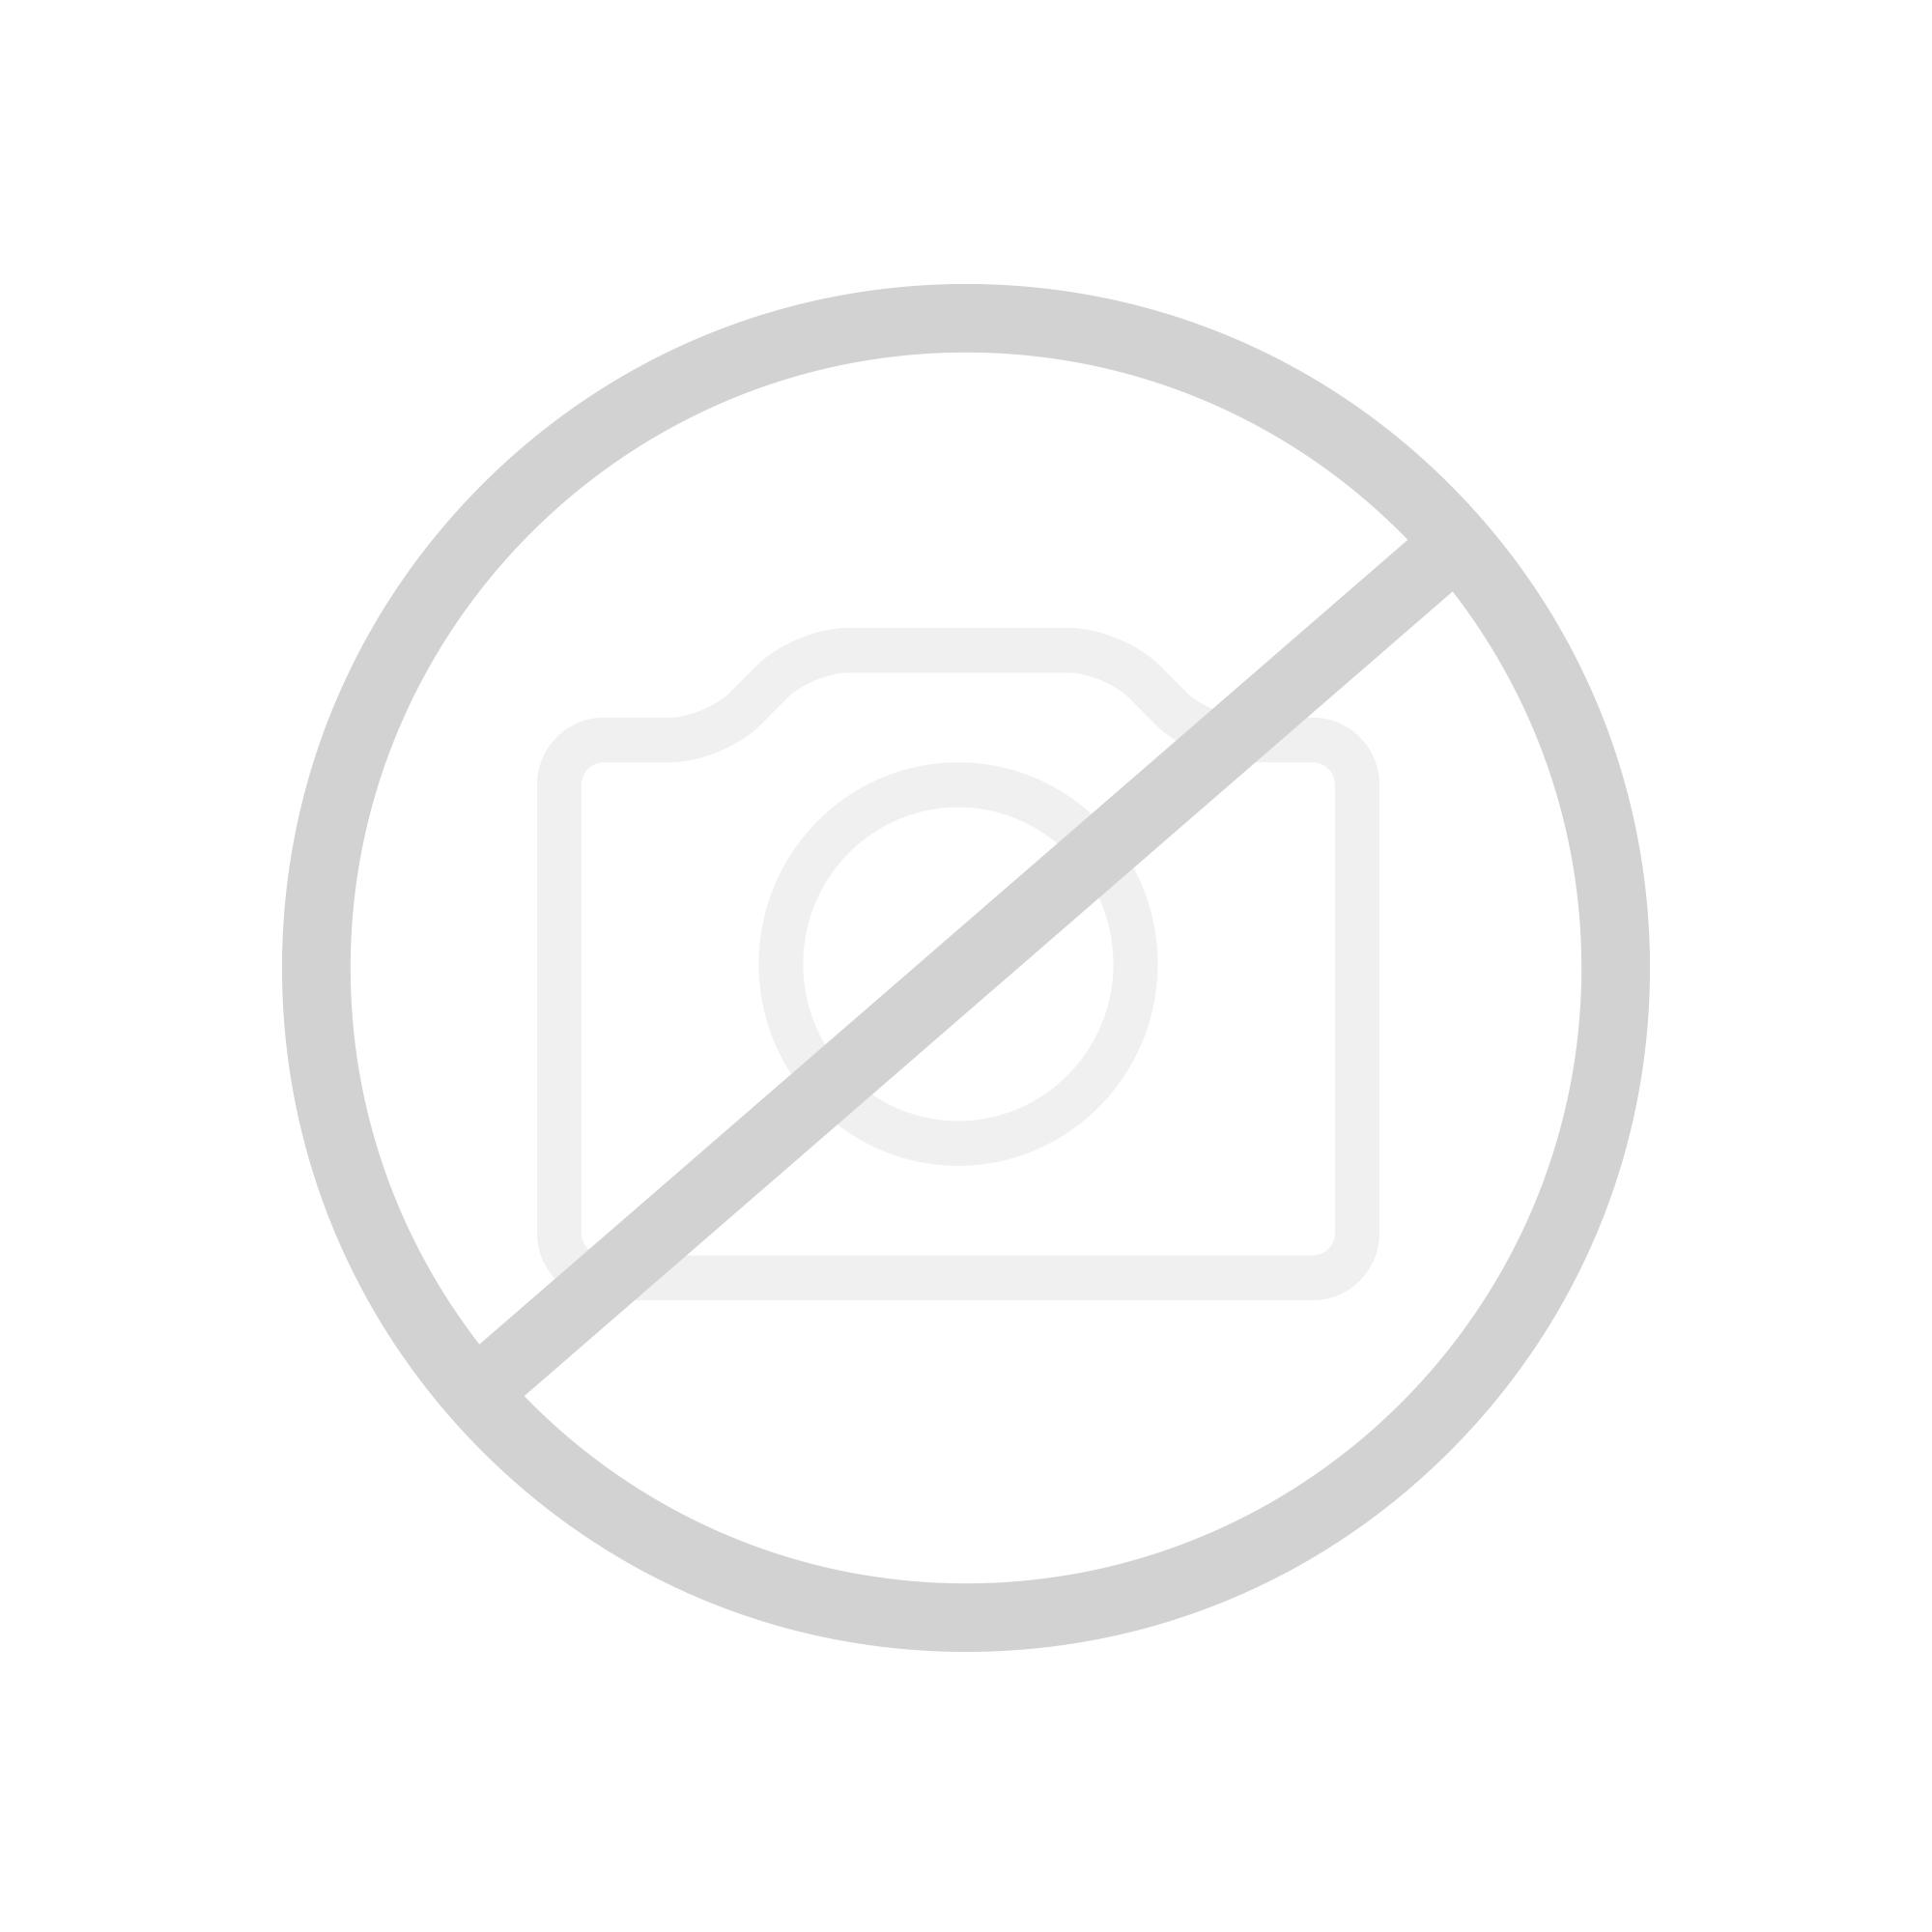 Hansa Hansa ROLLBOX-Einzeleinbaukörper für Wannenrandmontage